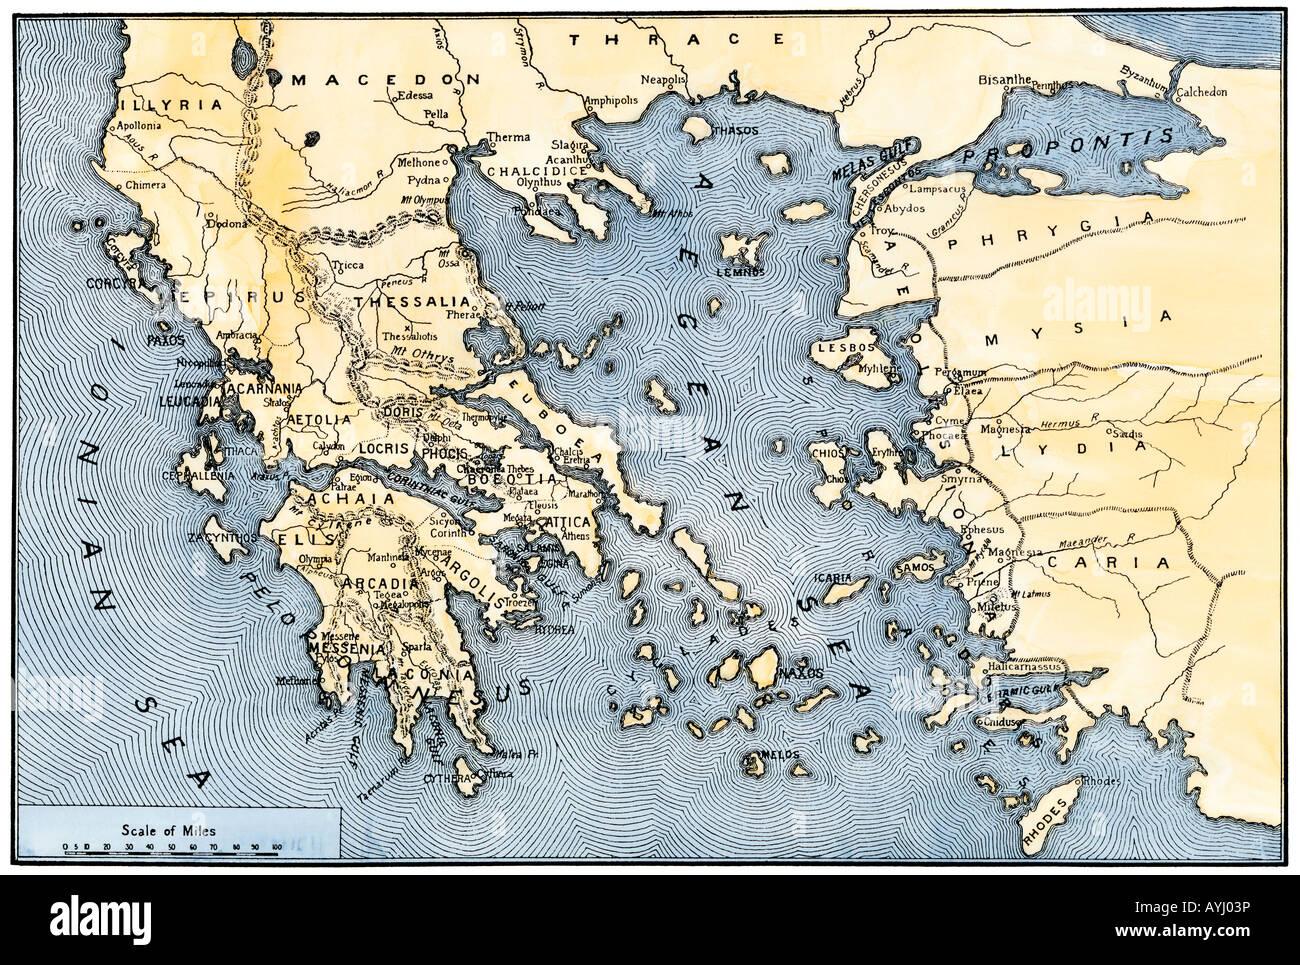 Karte des antiken Griechenlands und seiner Kolonien Stockbild